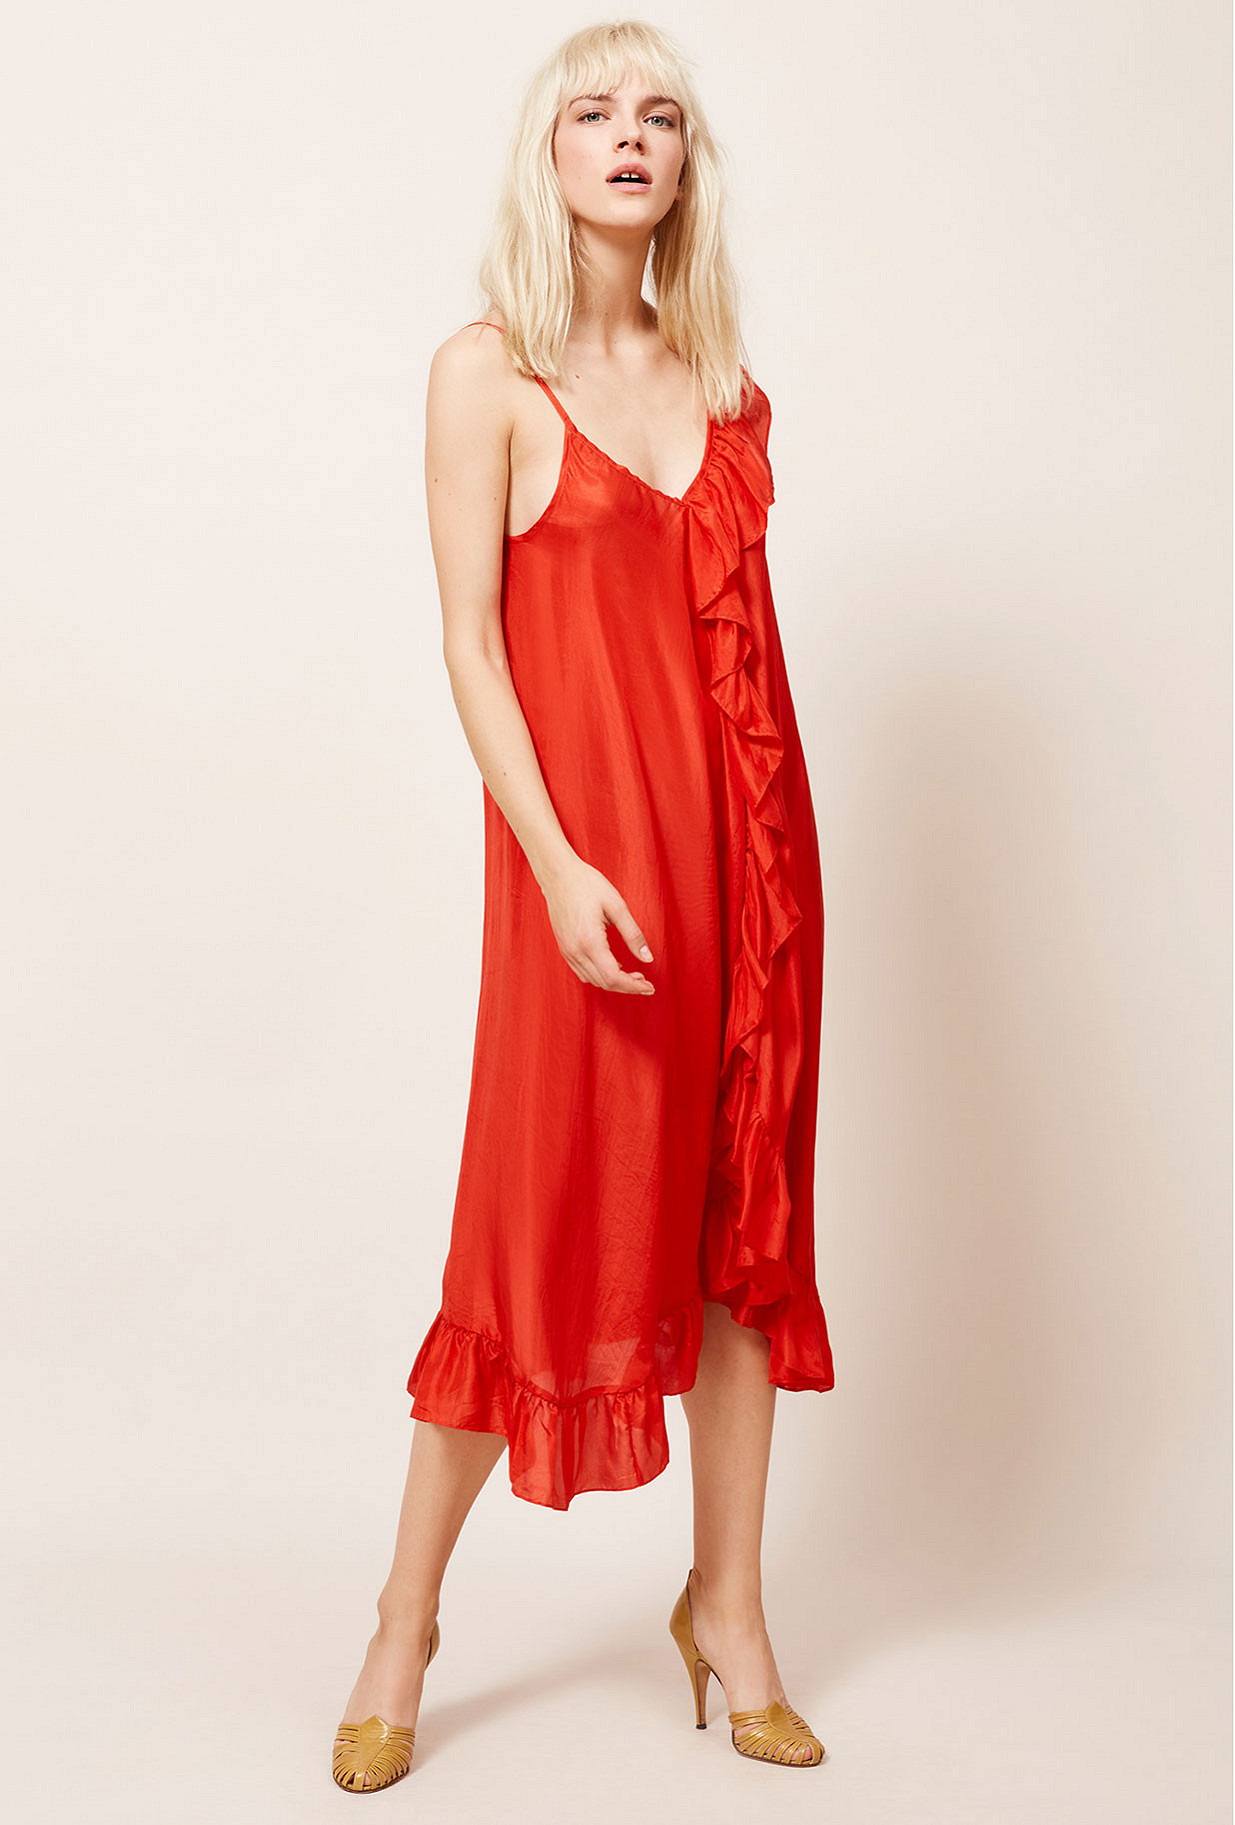 Paris boutique de mode vêtement Robe créateur bohème  Noemie